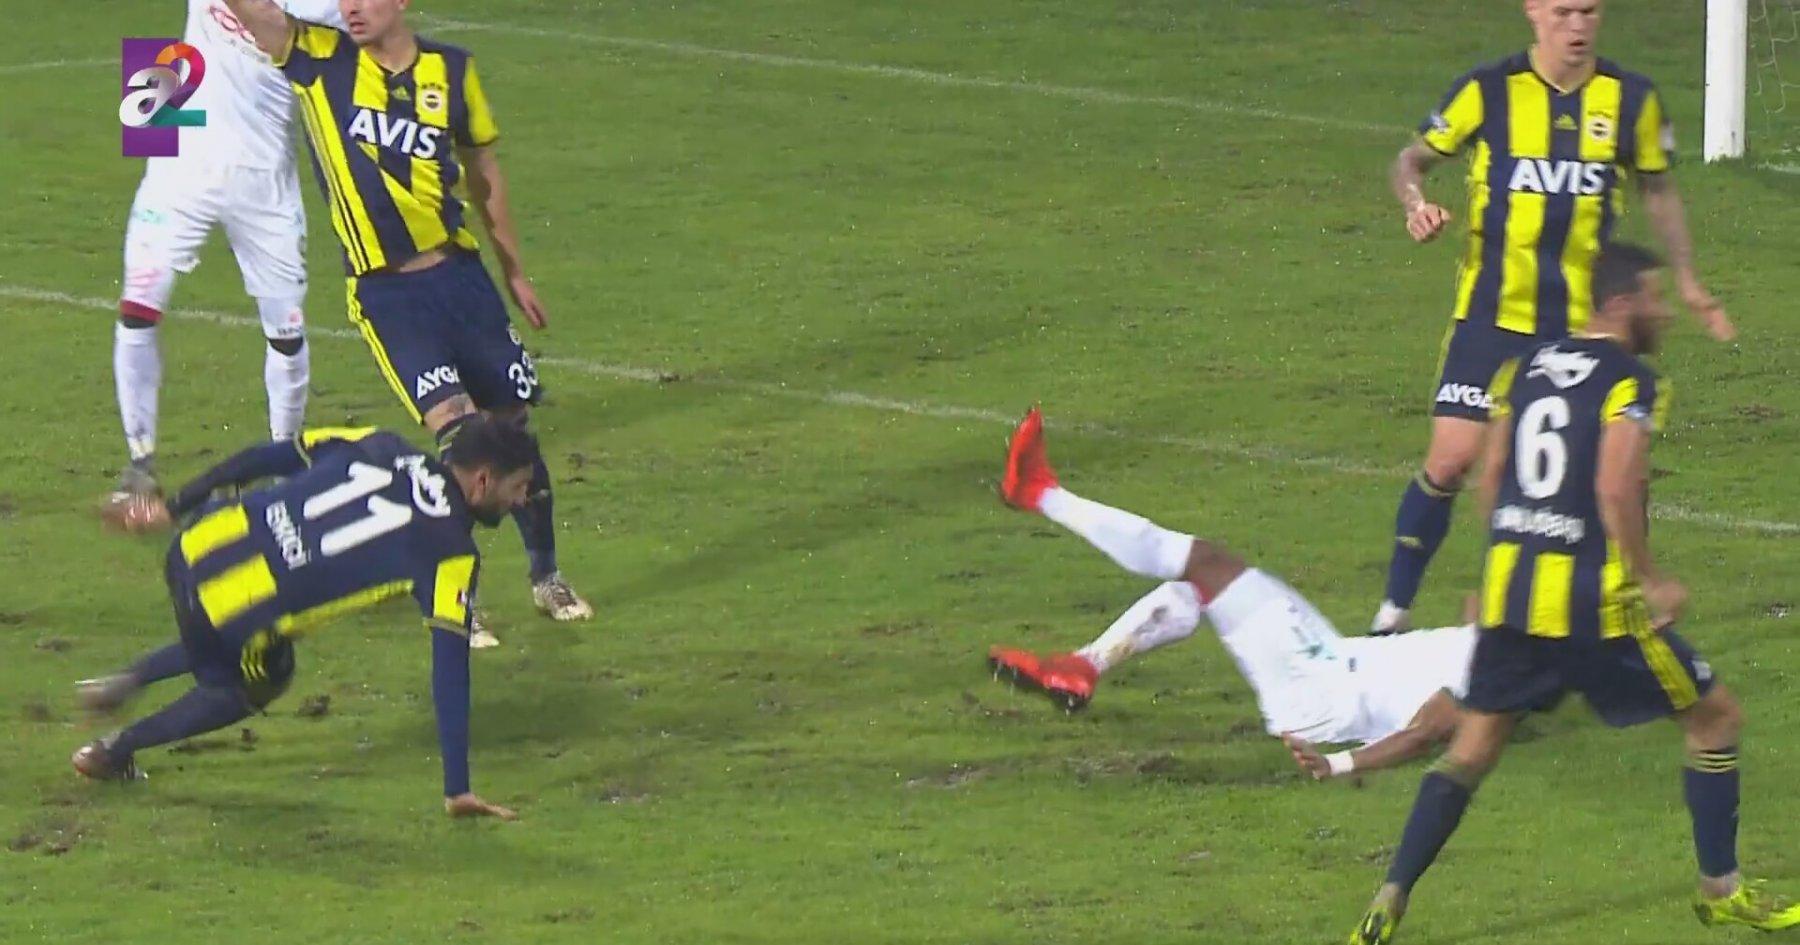 Giresunspor 2-5 Fenerbahçe (Ziraat Türkiye Kupası Maç Özeti 20 Aralık Perşembe)